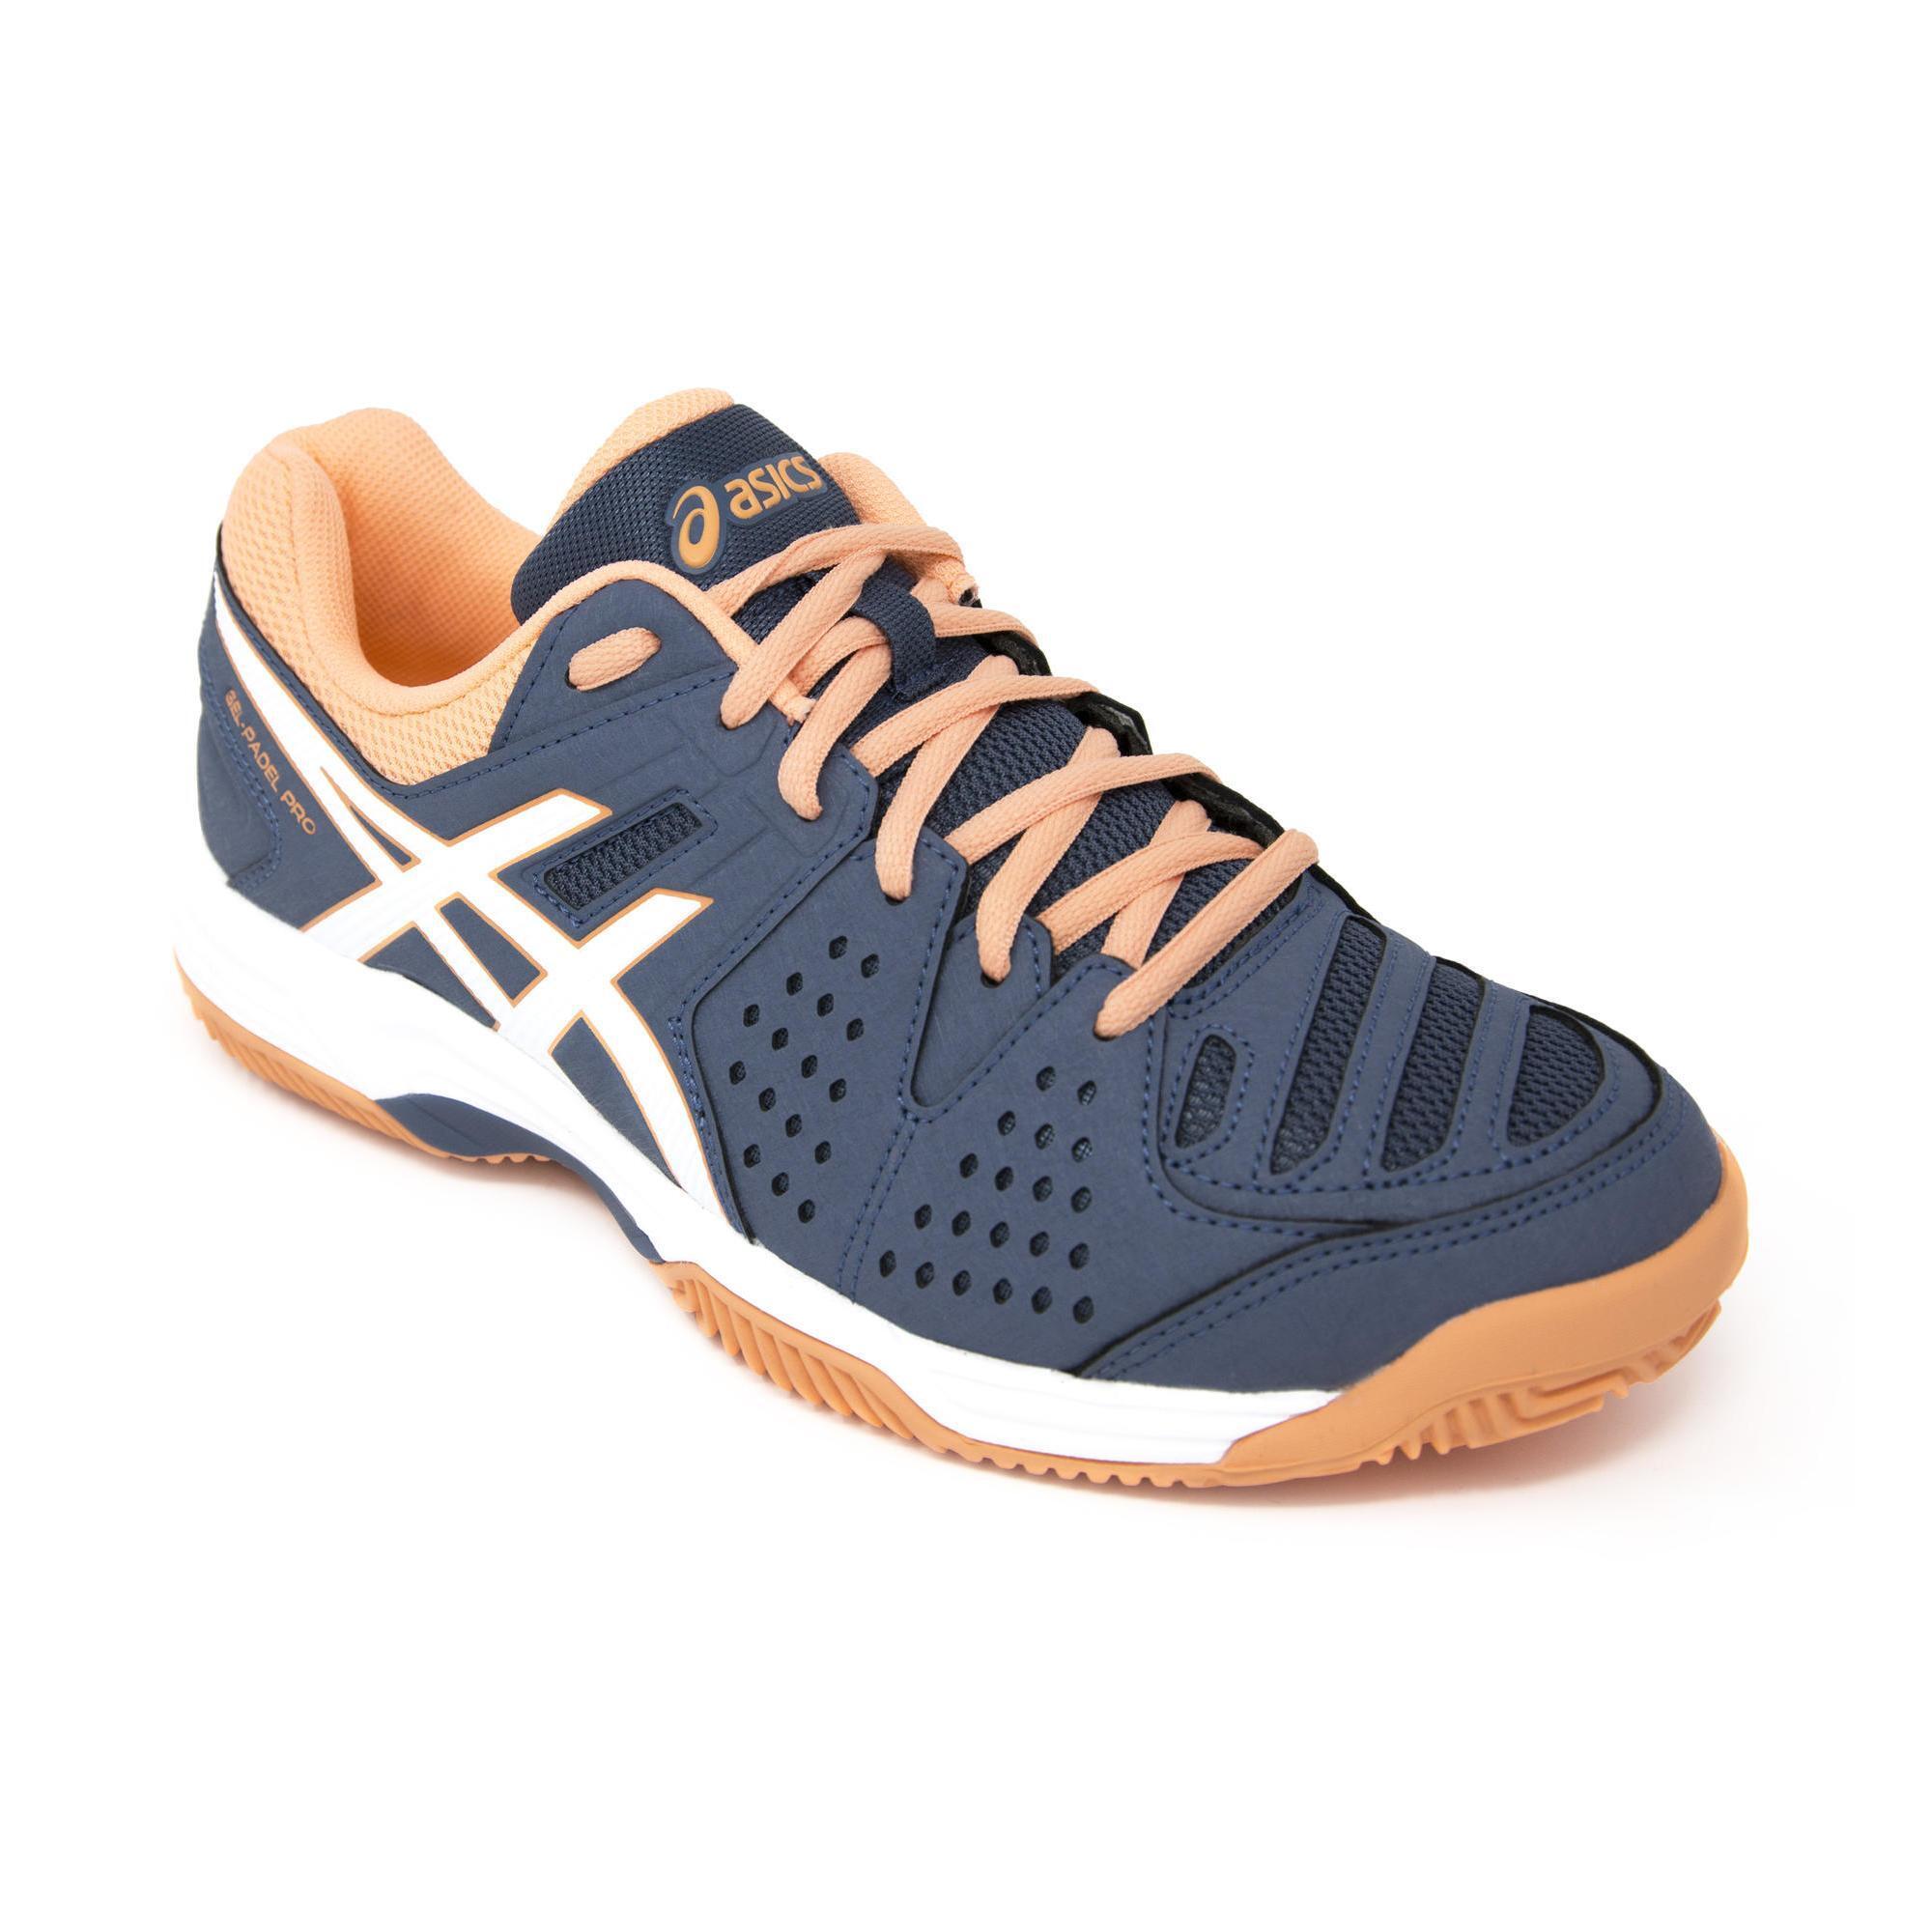 outlet store sale 38251 fc7ee Comprar Zapatillas de pádel online   Decathlon